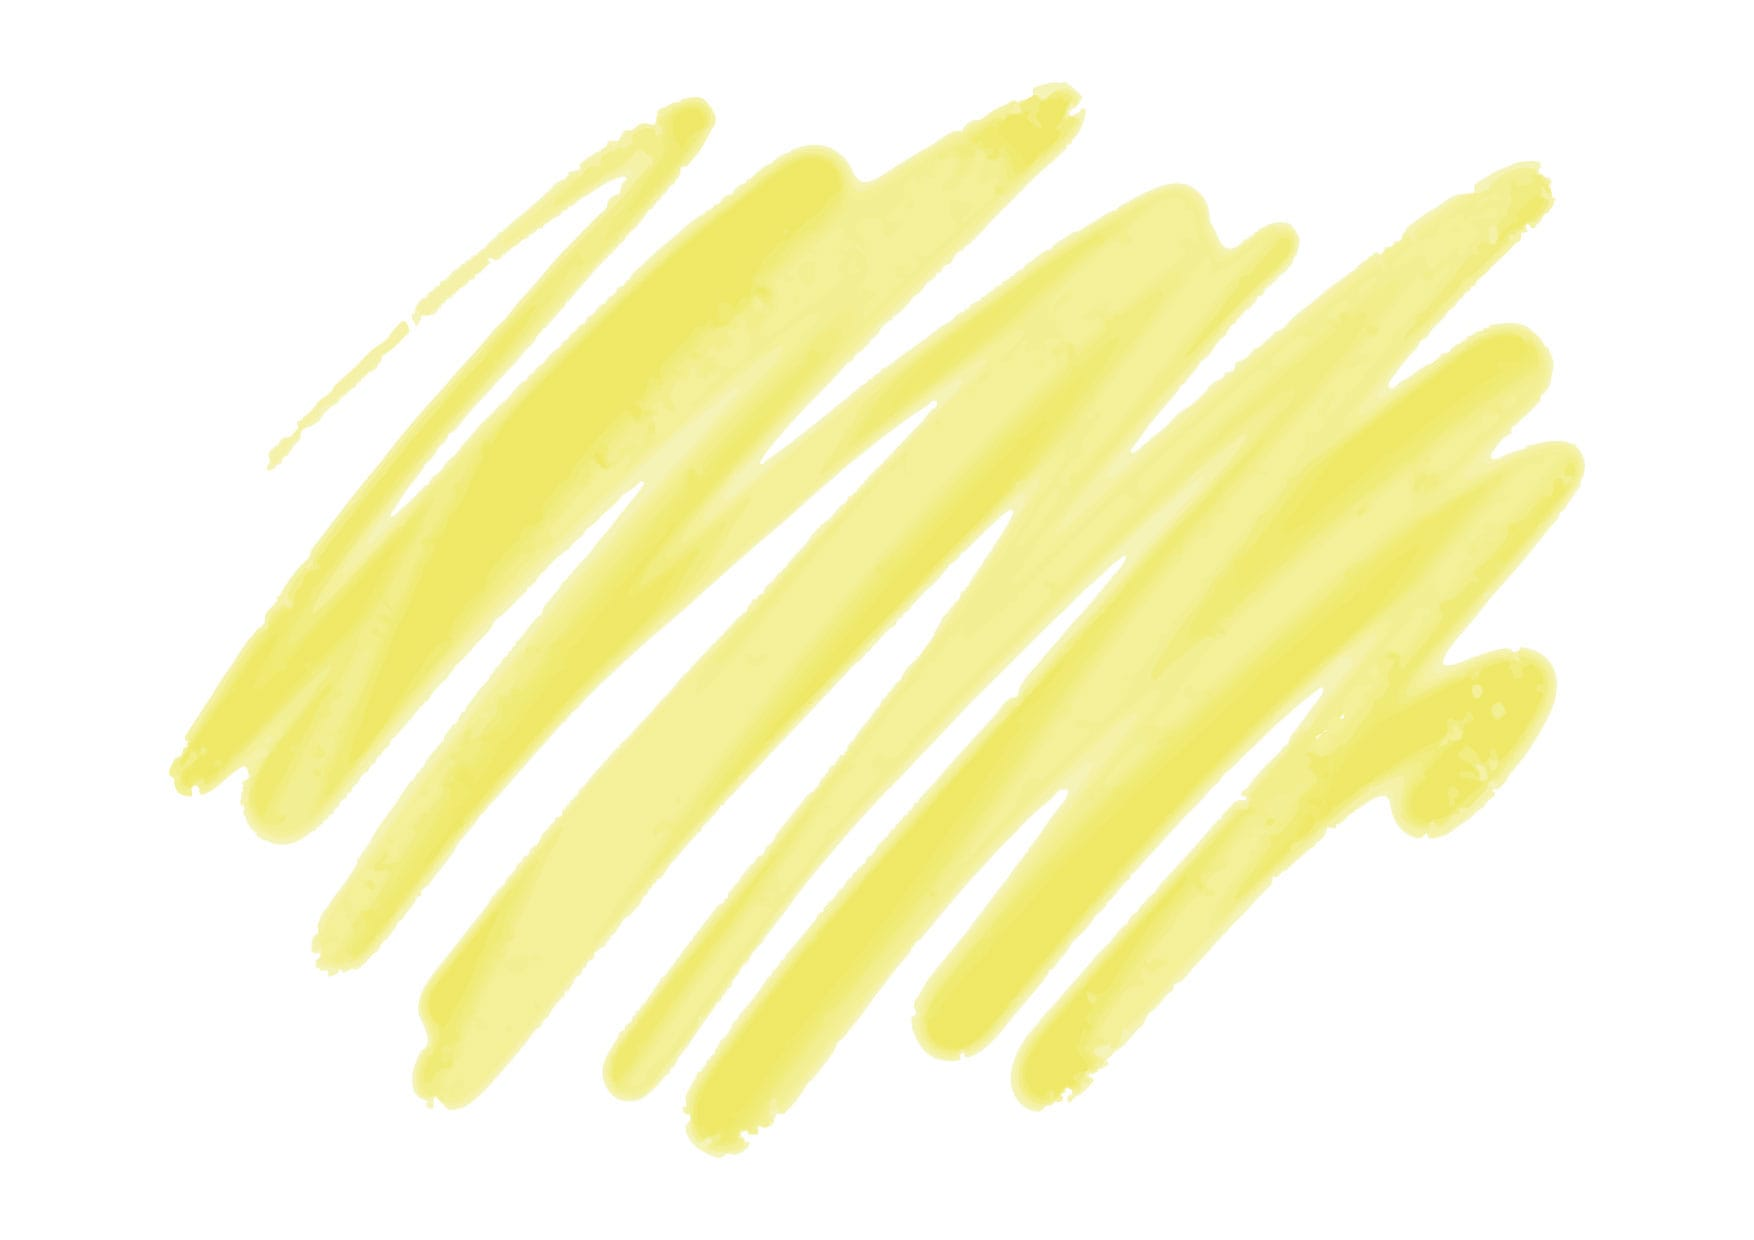 水彩 落書き 背景 黄色 イラスト 無料